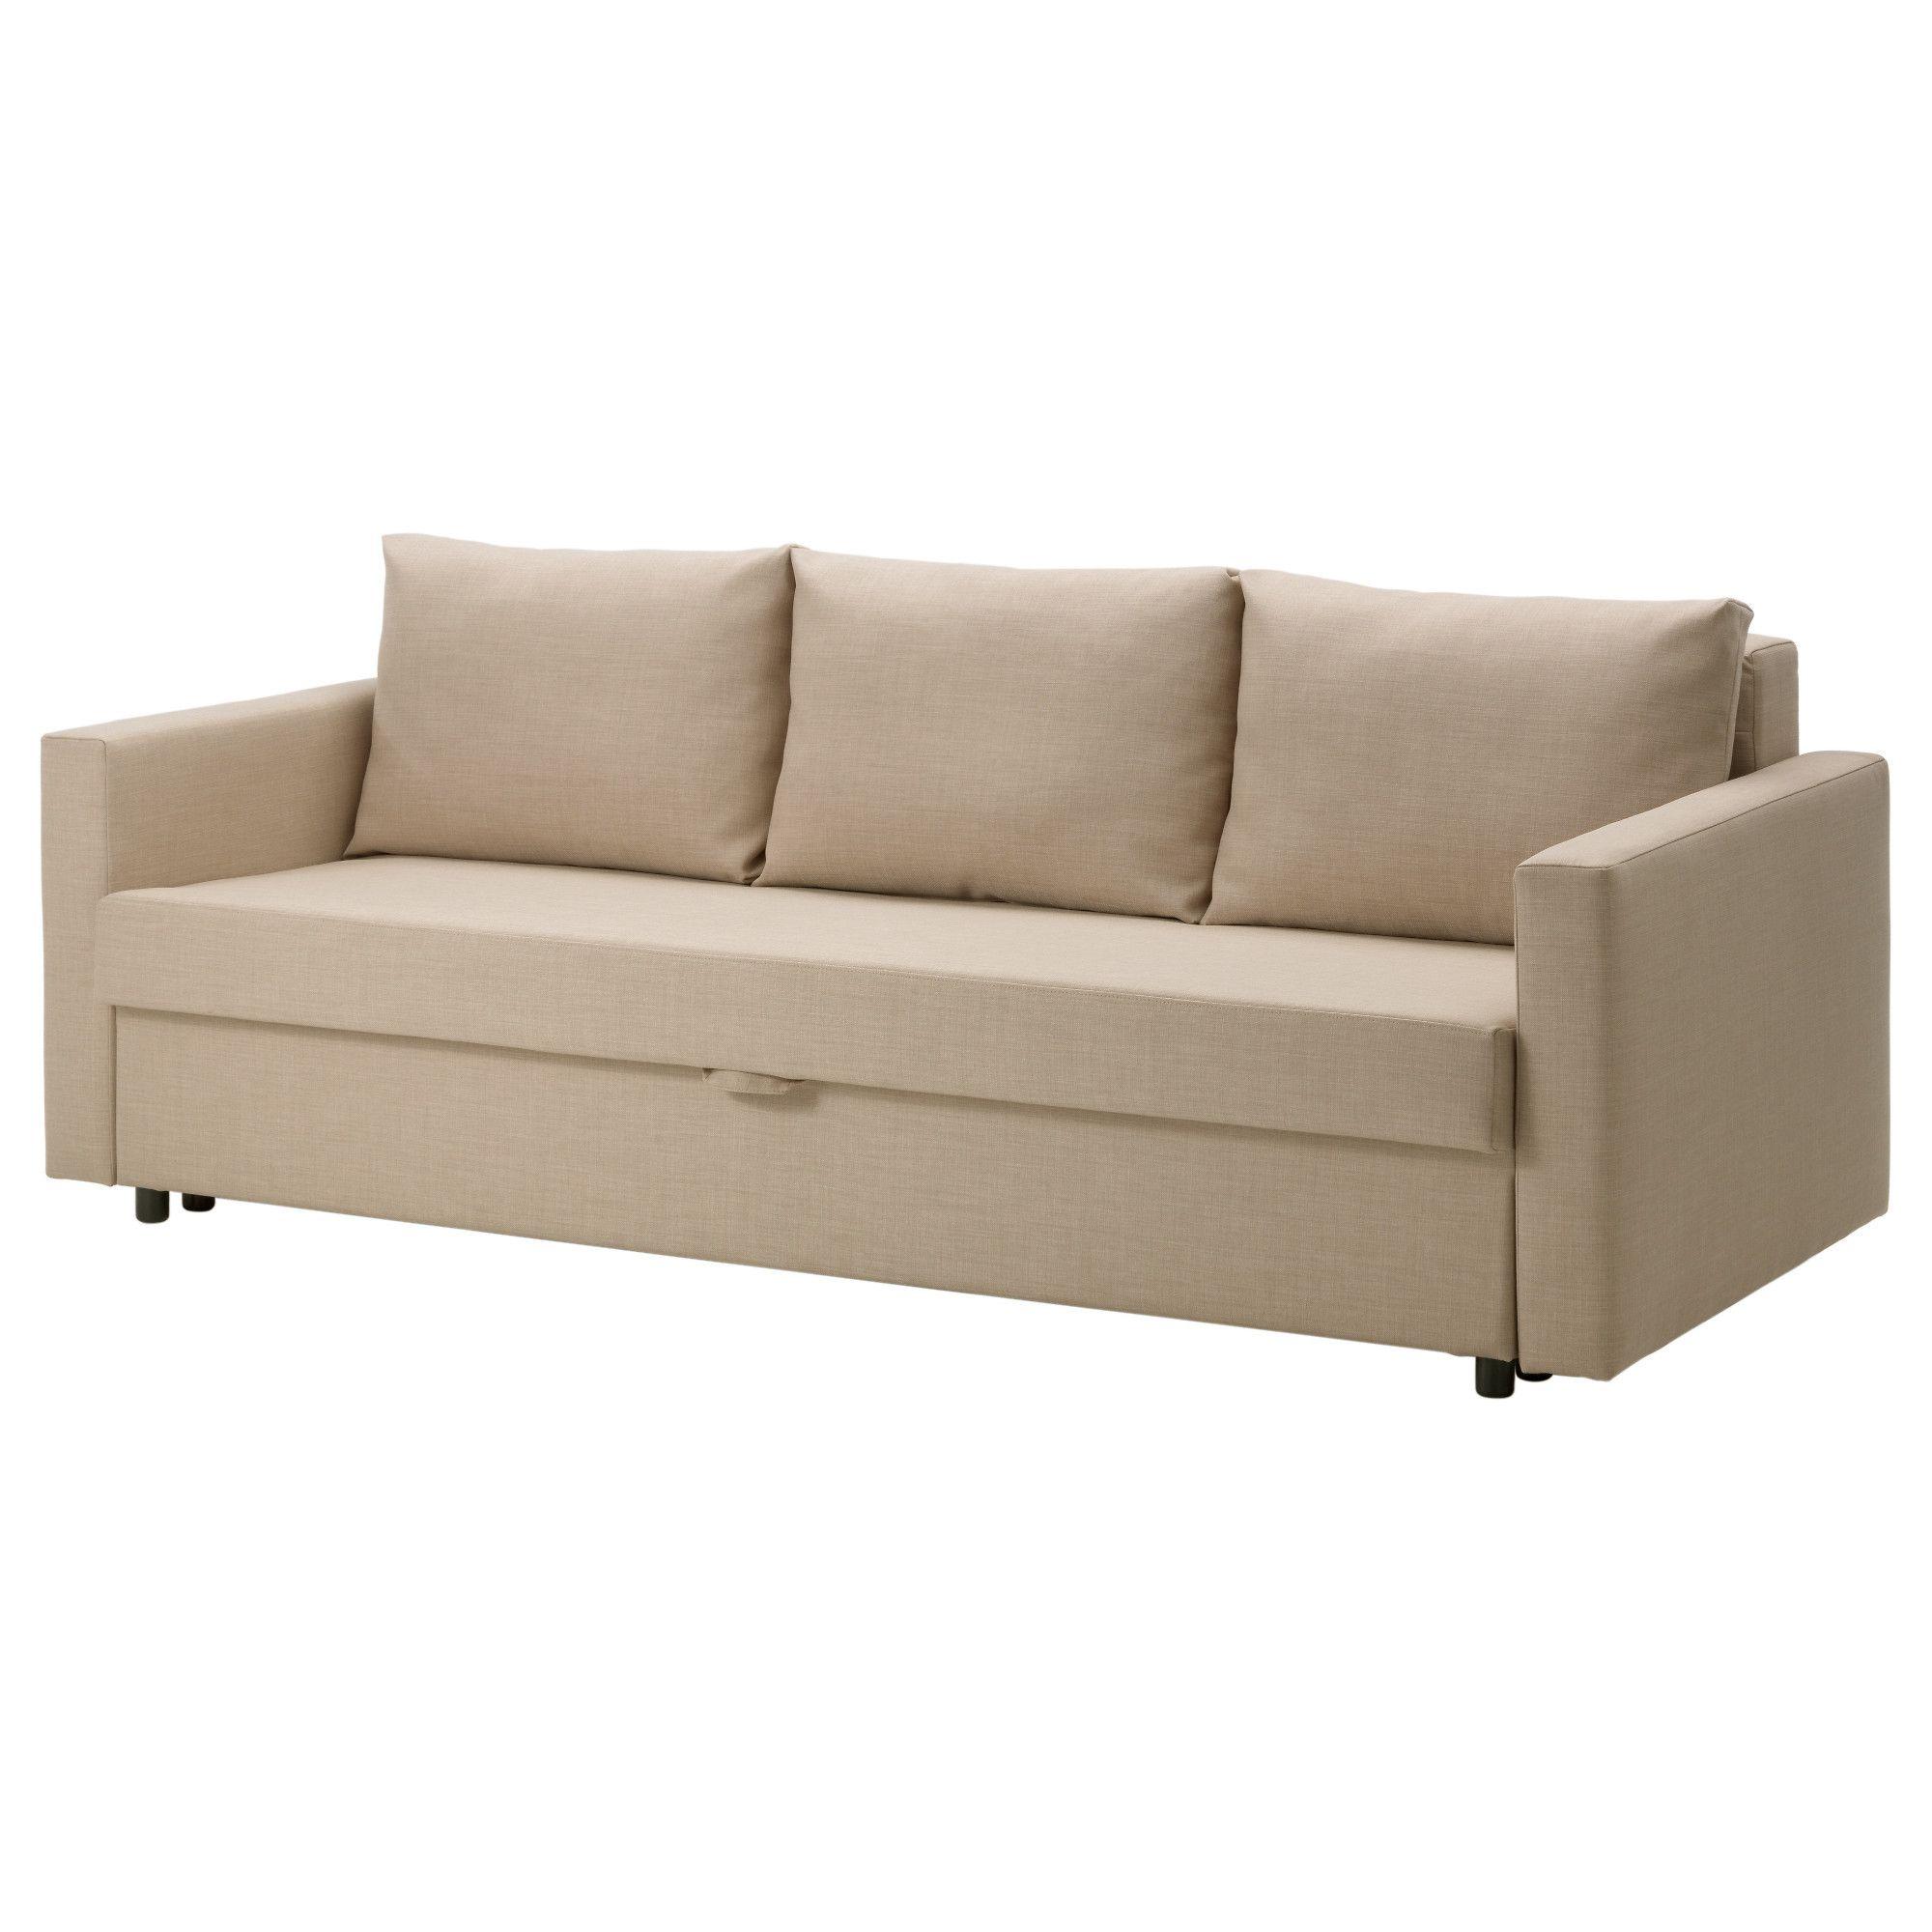 Twin Sleeper Sofa Ikea Sessel Diese Vielen Bilder Von Twin Sleeper